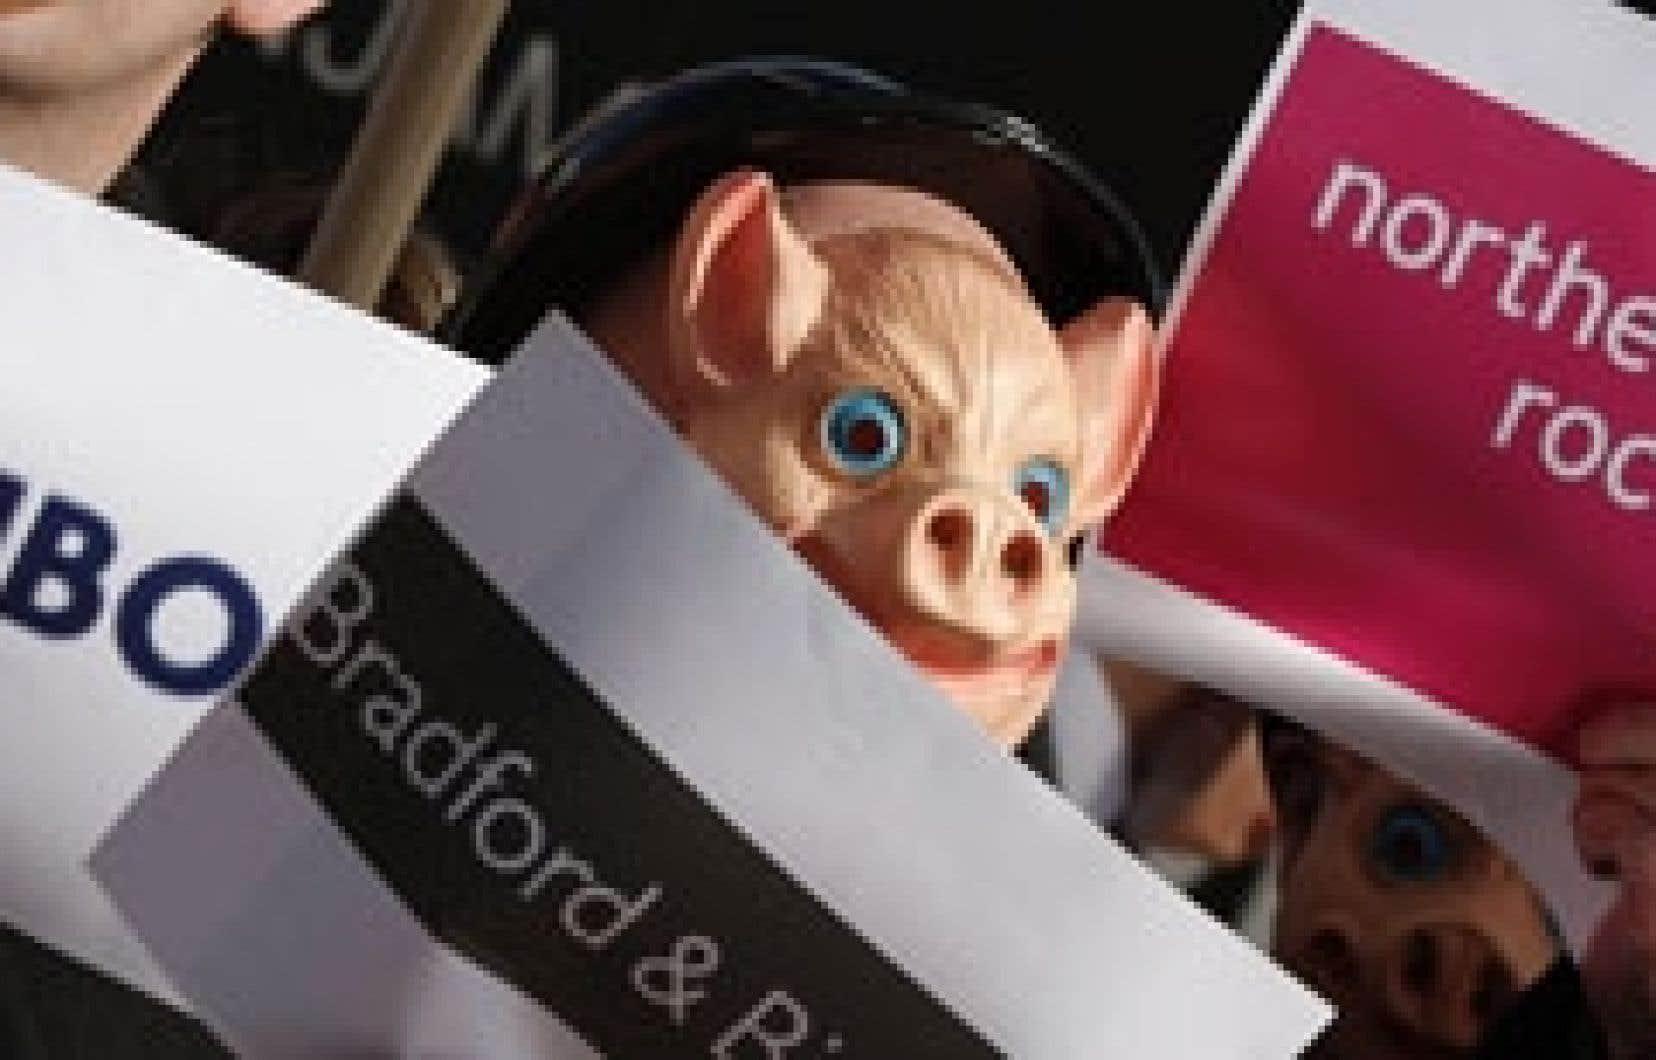 Des membres du syndicat UNITE, en Grande-Bretagne, manifestent pour exposer les effets néfastes de la crise financière actuelle. Après les États-Unis, c'est maintenant l'Europe qui doit trouver des façons de se sortir de la crise. Le président